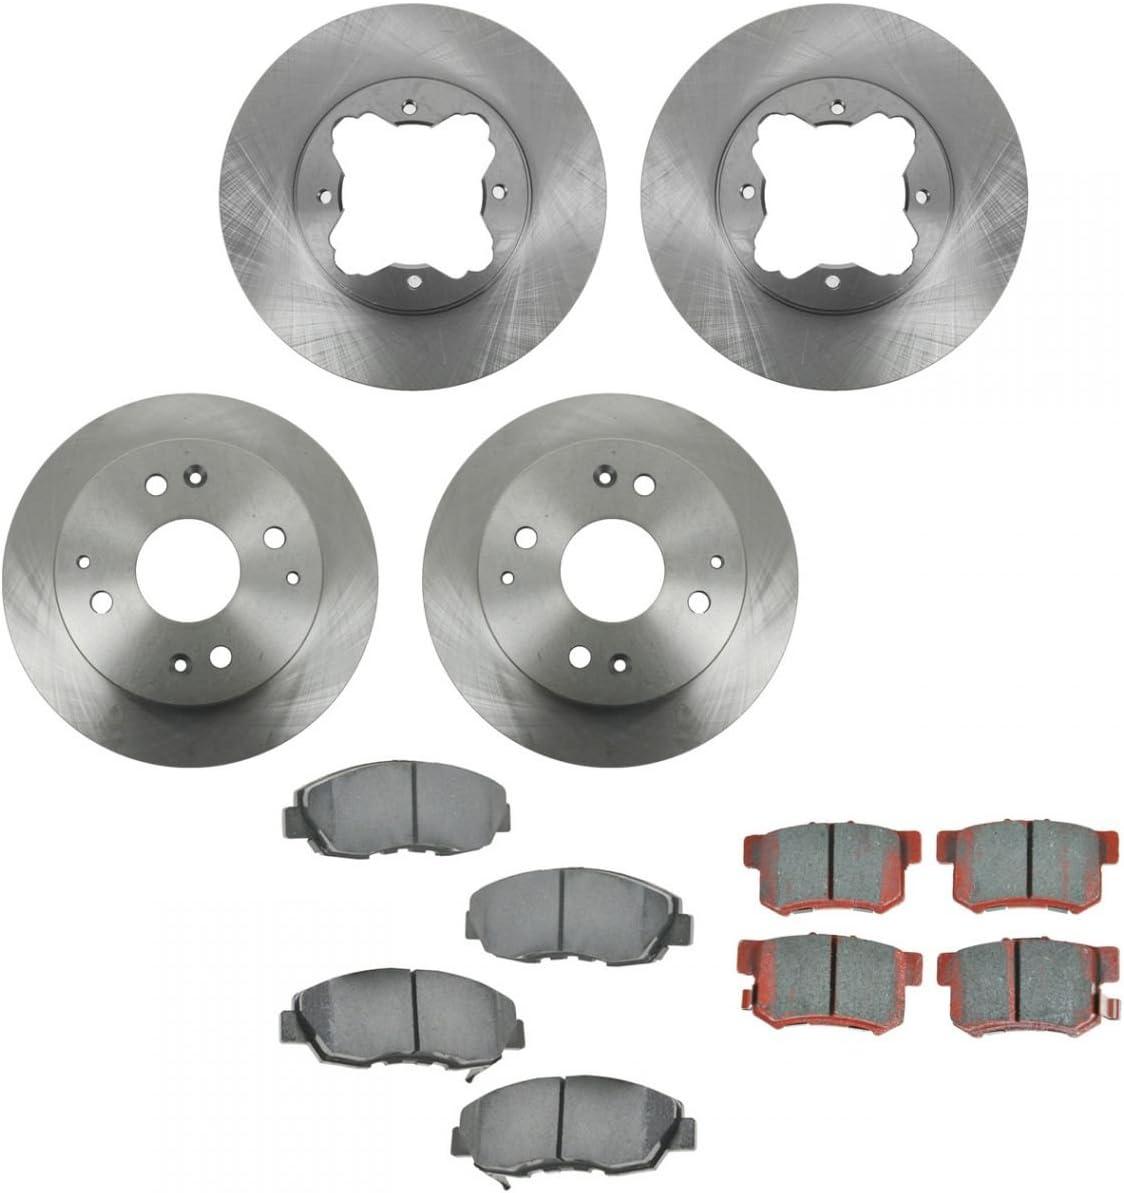 Front /& Rear Premium Posi Ceramic Disc Brake Pad Kit for Honda Acura New